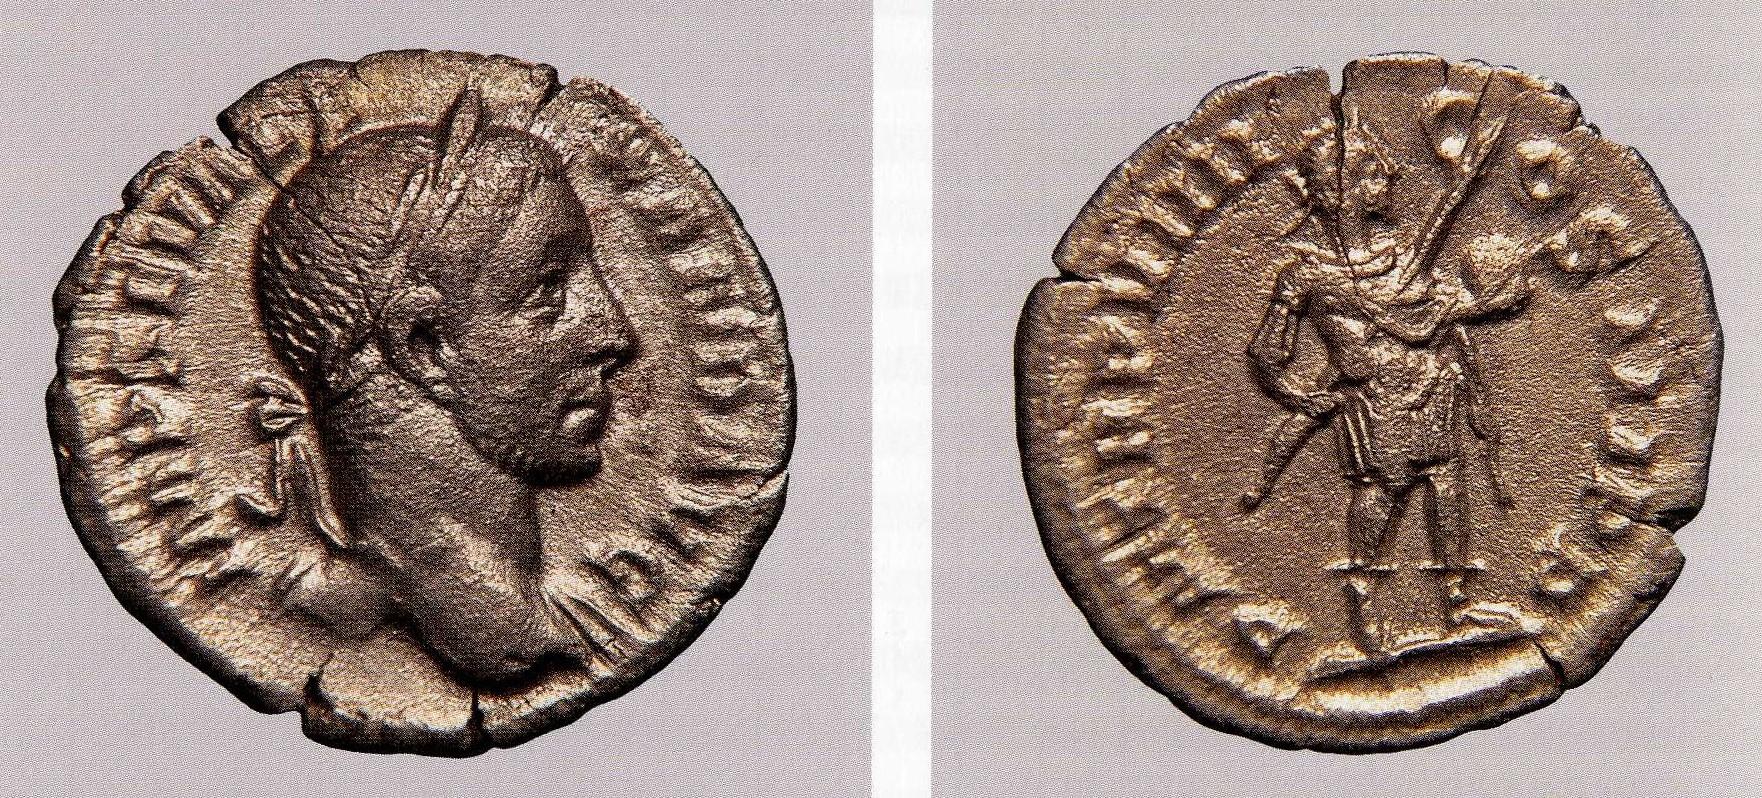 Minca (denár) cisára Alexandra Severa, 230 n. l., Bratislava-Dúbravka